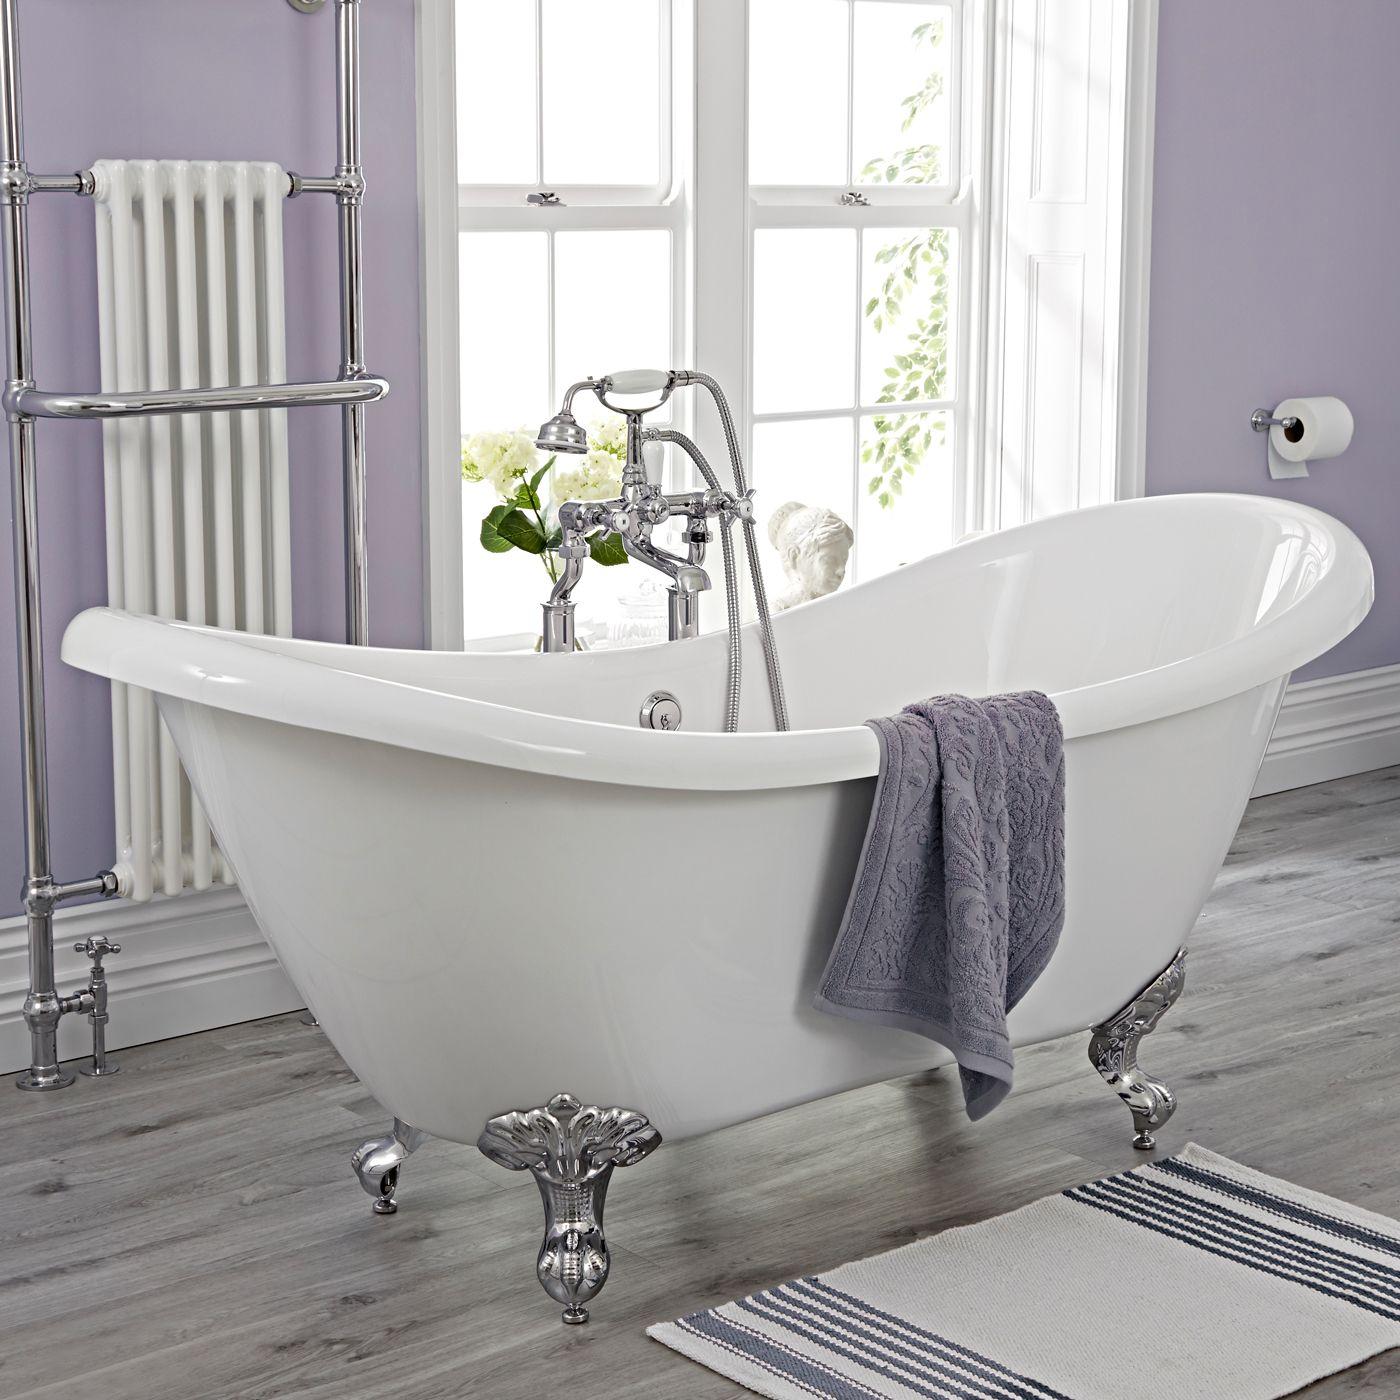 Ze Bathroom Designs Html on dj design, er design, color design, dy design, pi design, ns design, l.a. design, berserk design, blue sky design, setzer design,